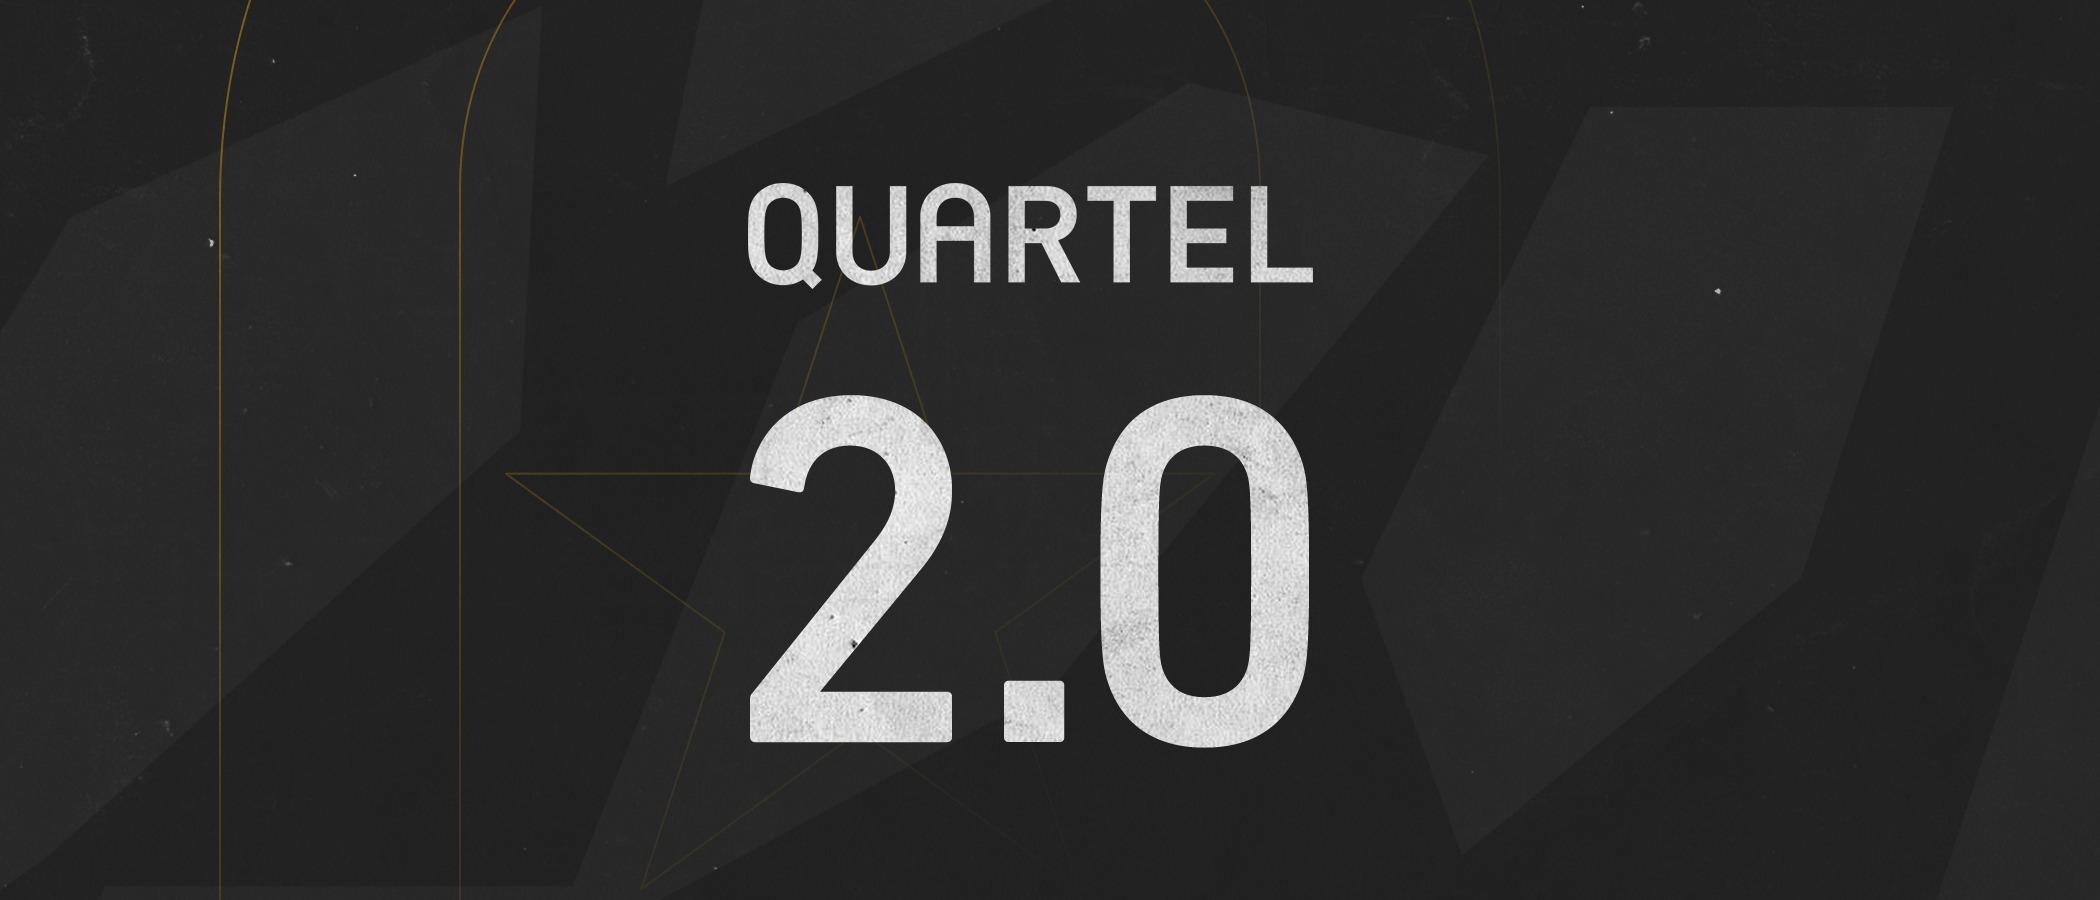 Afinal, o que é a Quartel 2.0?